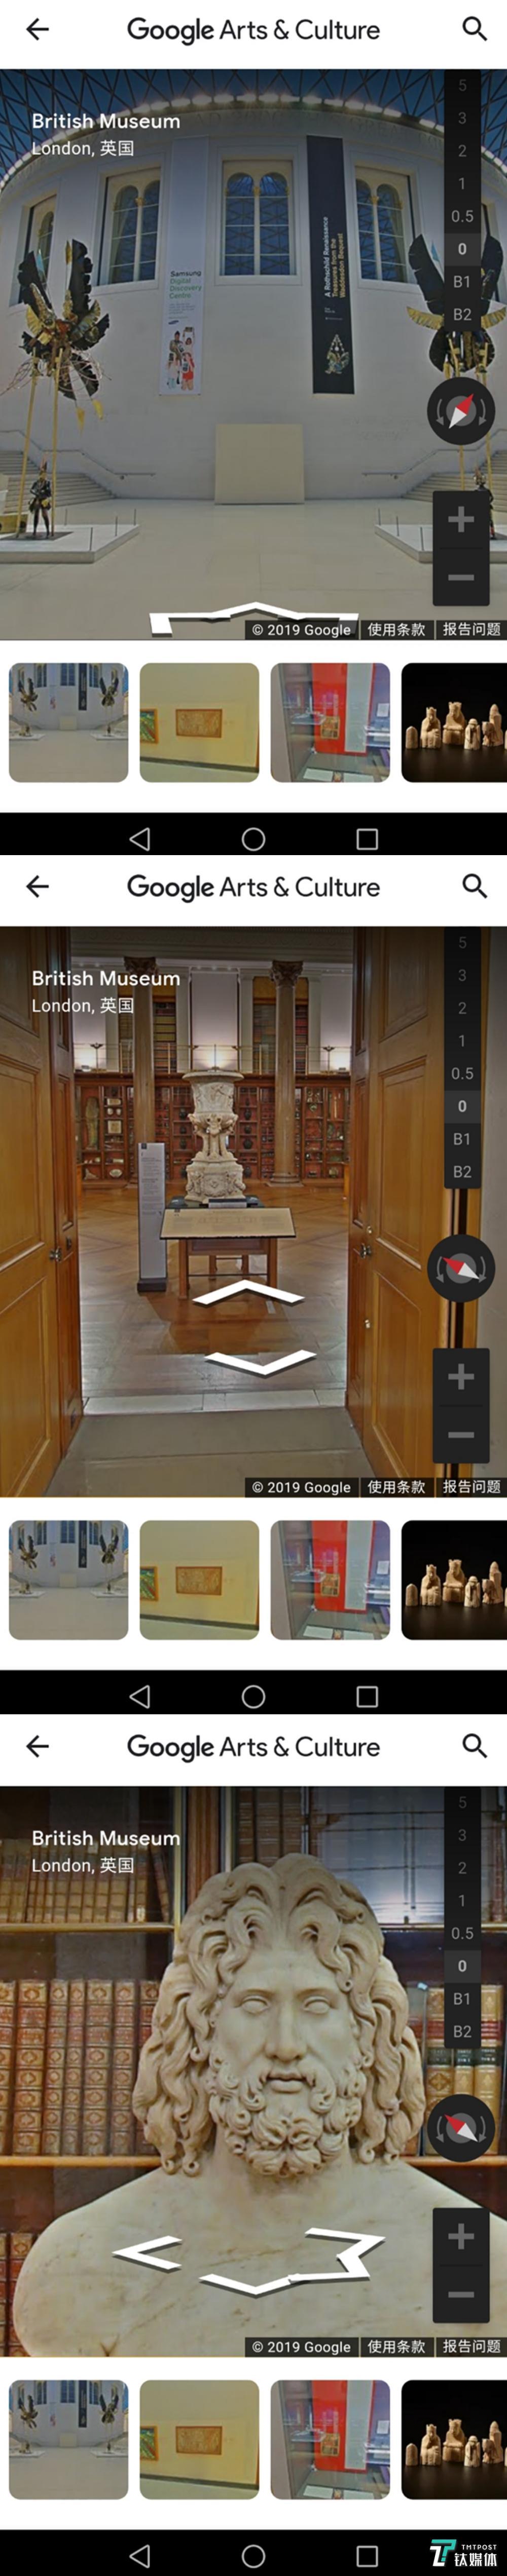 大英博物馆VR参观内景